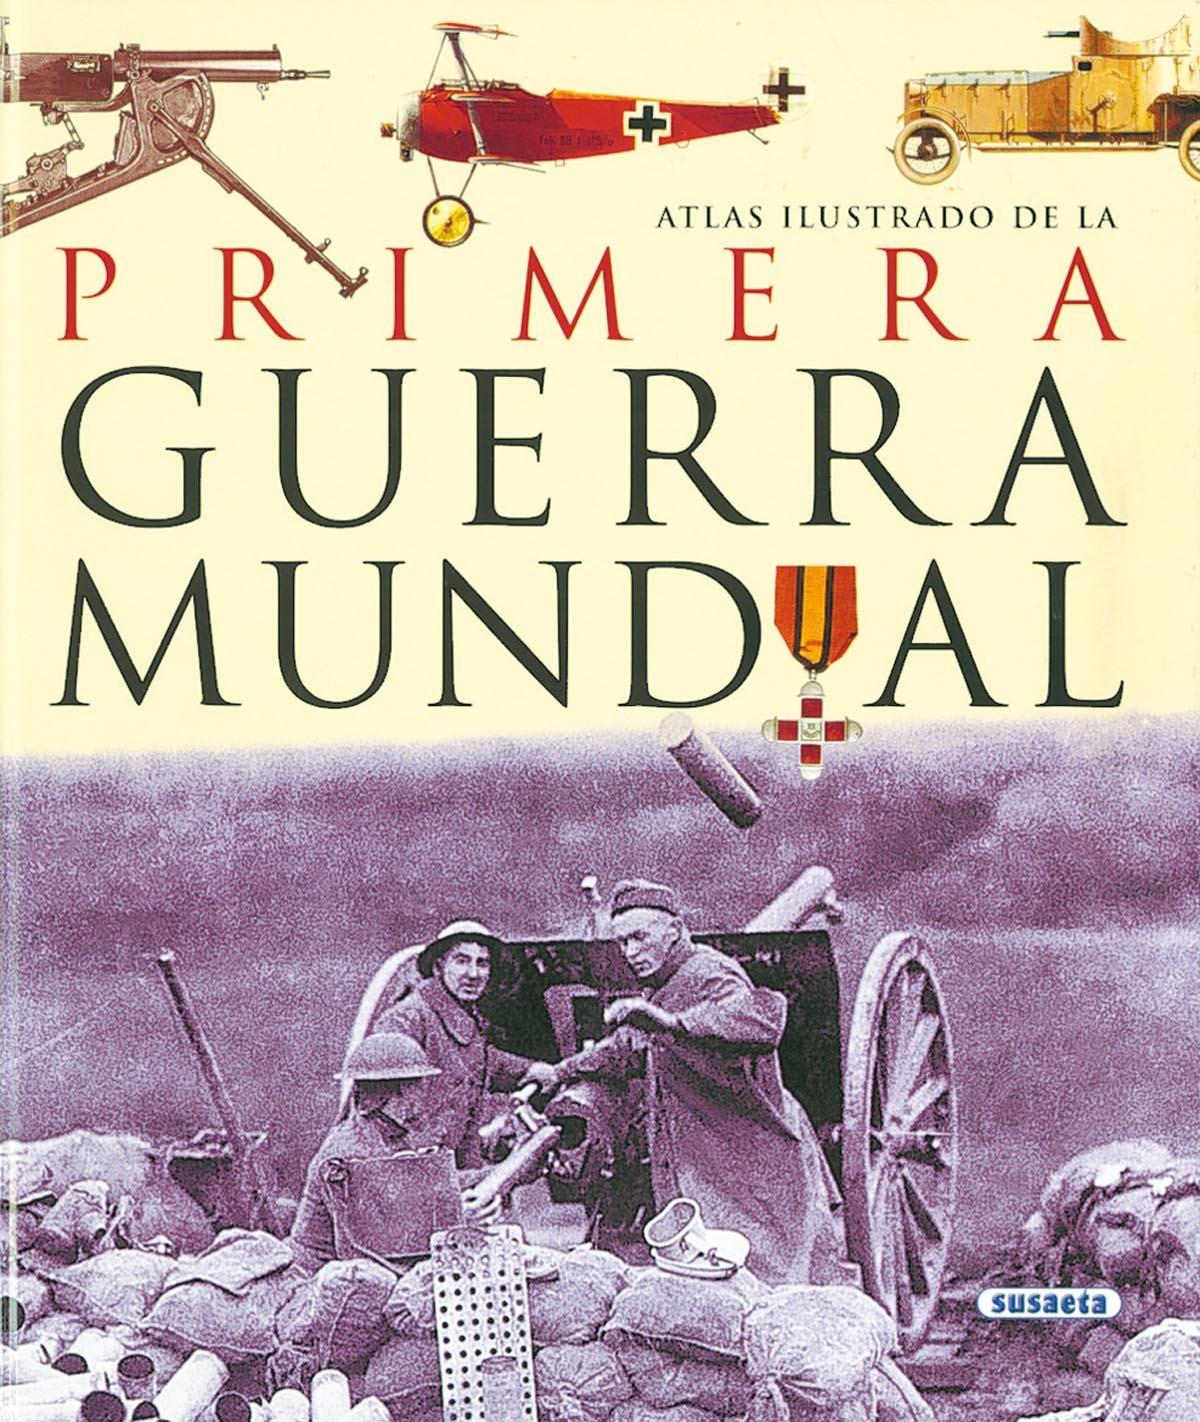 Atlas Ilustrado De La Primera Guerra Mundial: Amazon.es: Astorri, Antonella, Salvadori, P, Susaeta, Equipo: Libros